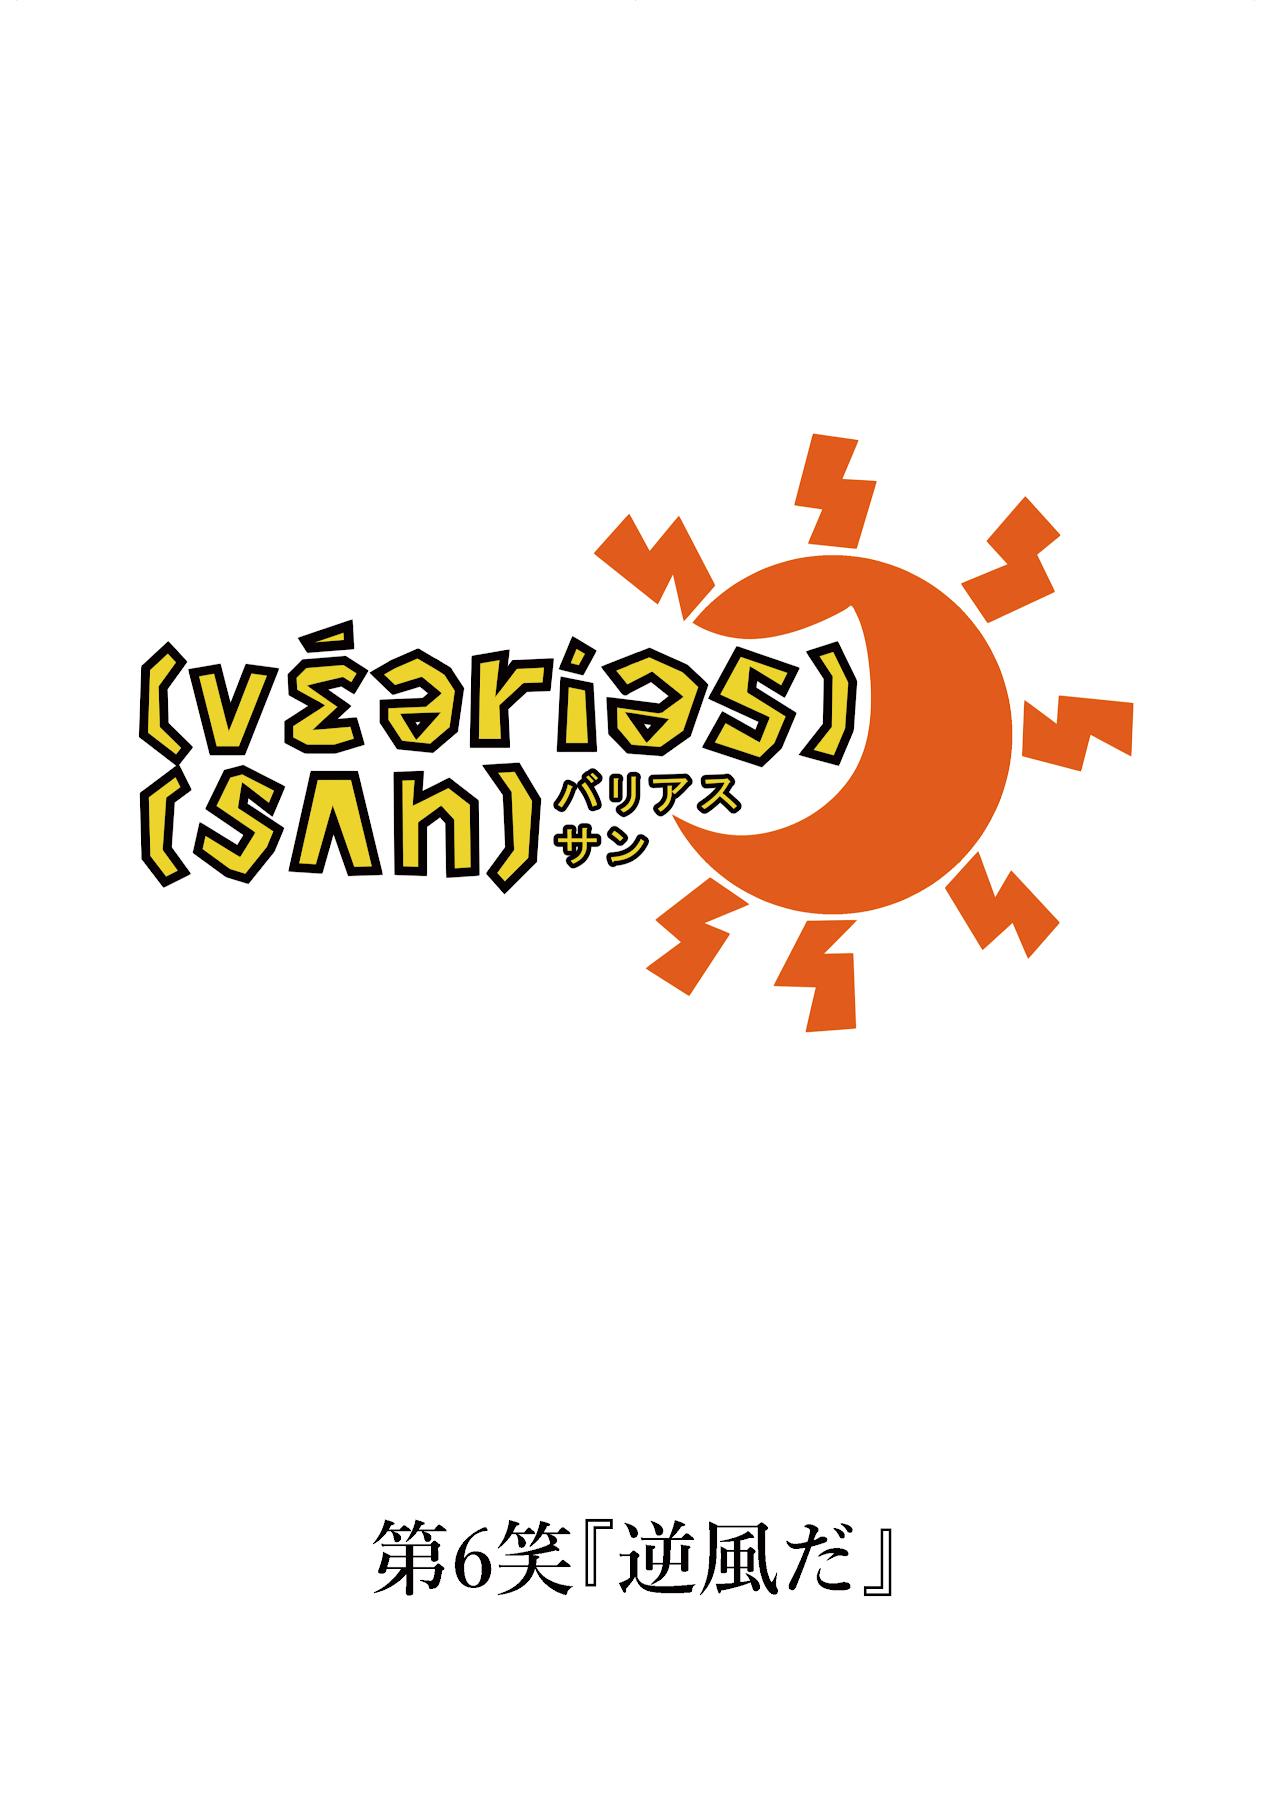 バリアス・サン6_1